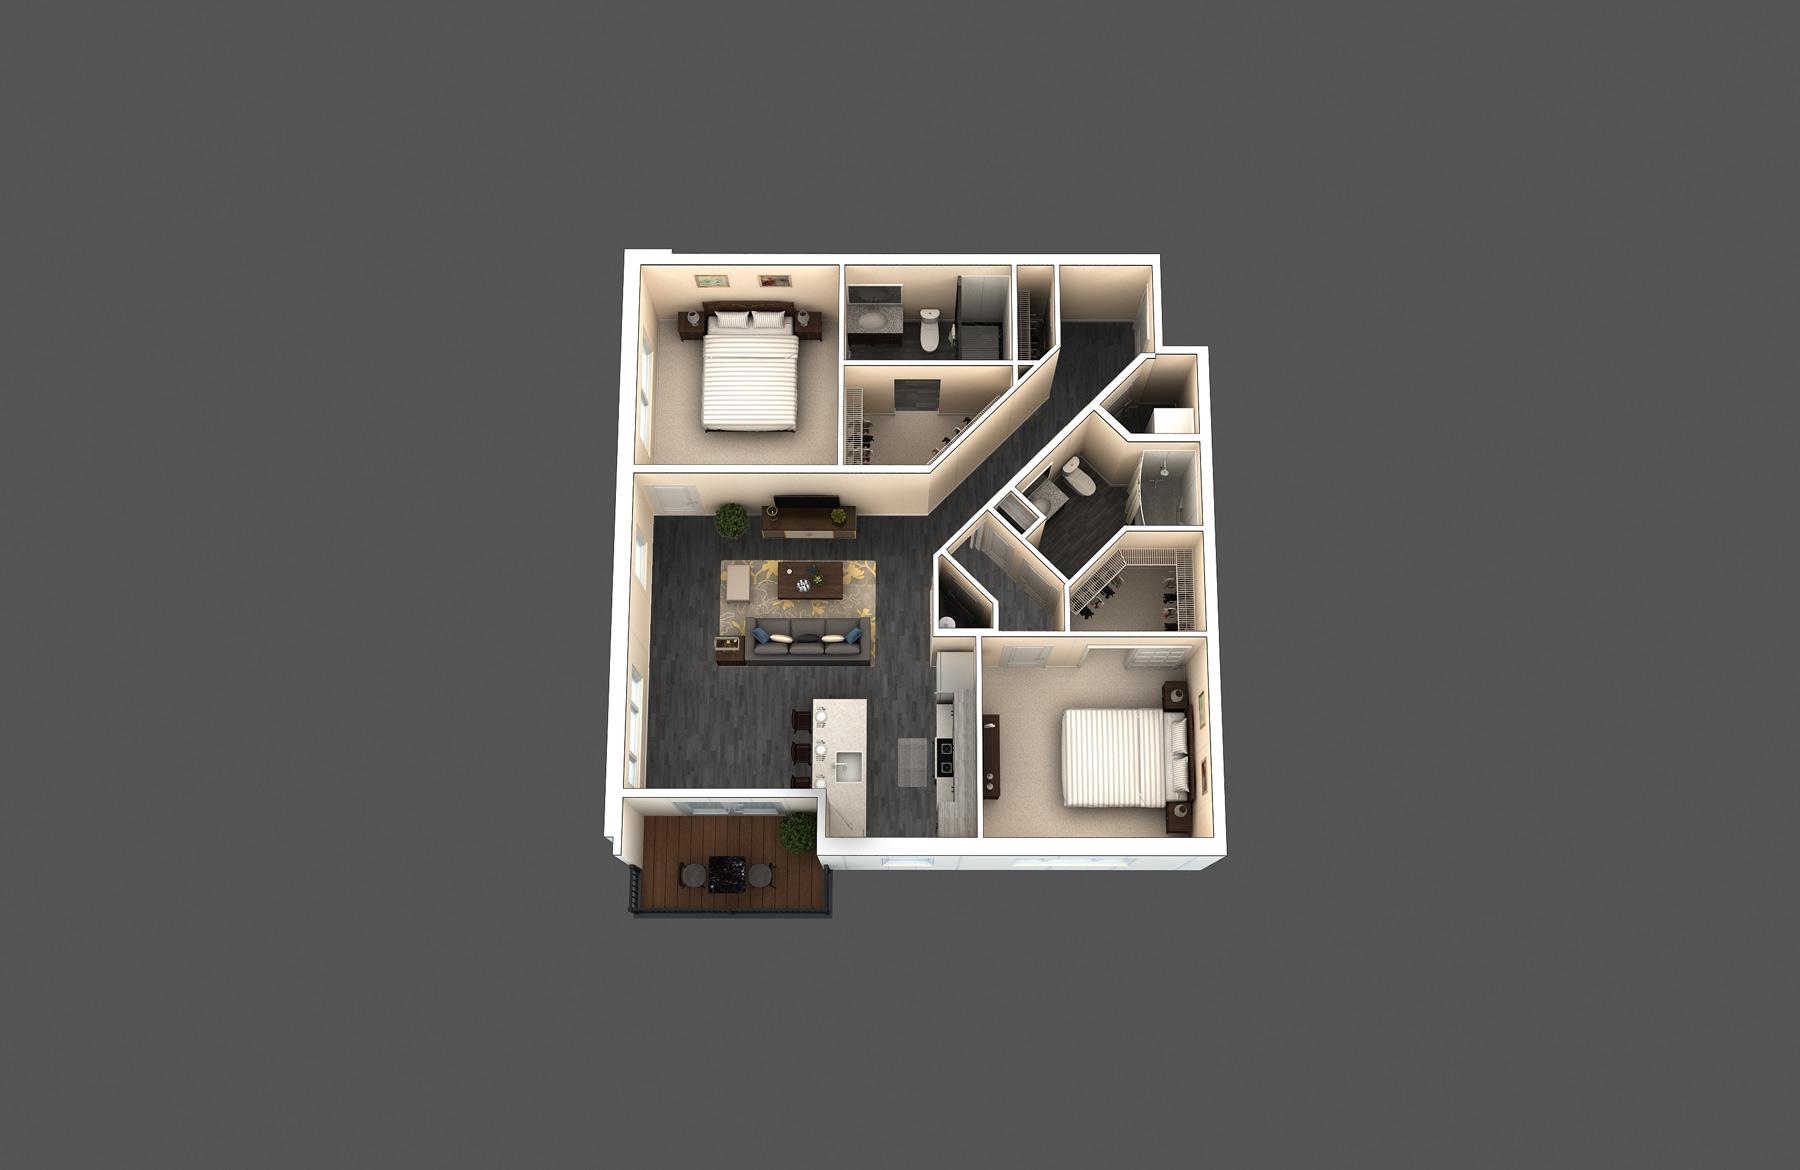 The Standard floor plan